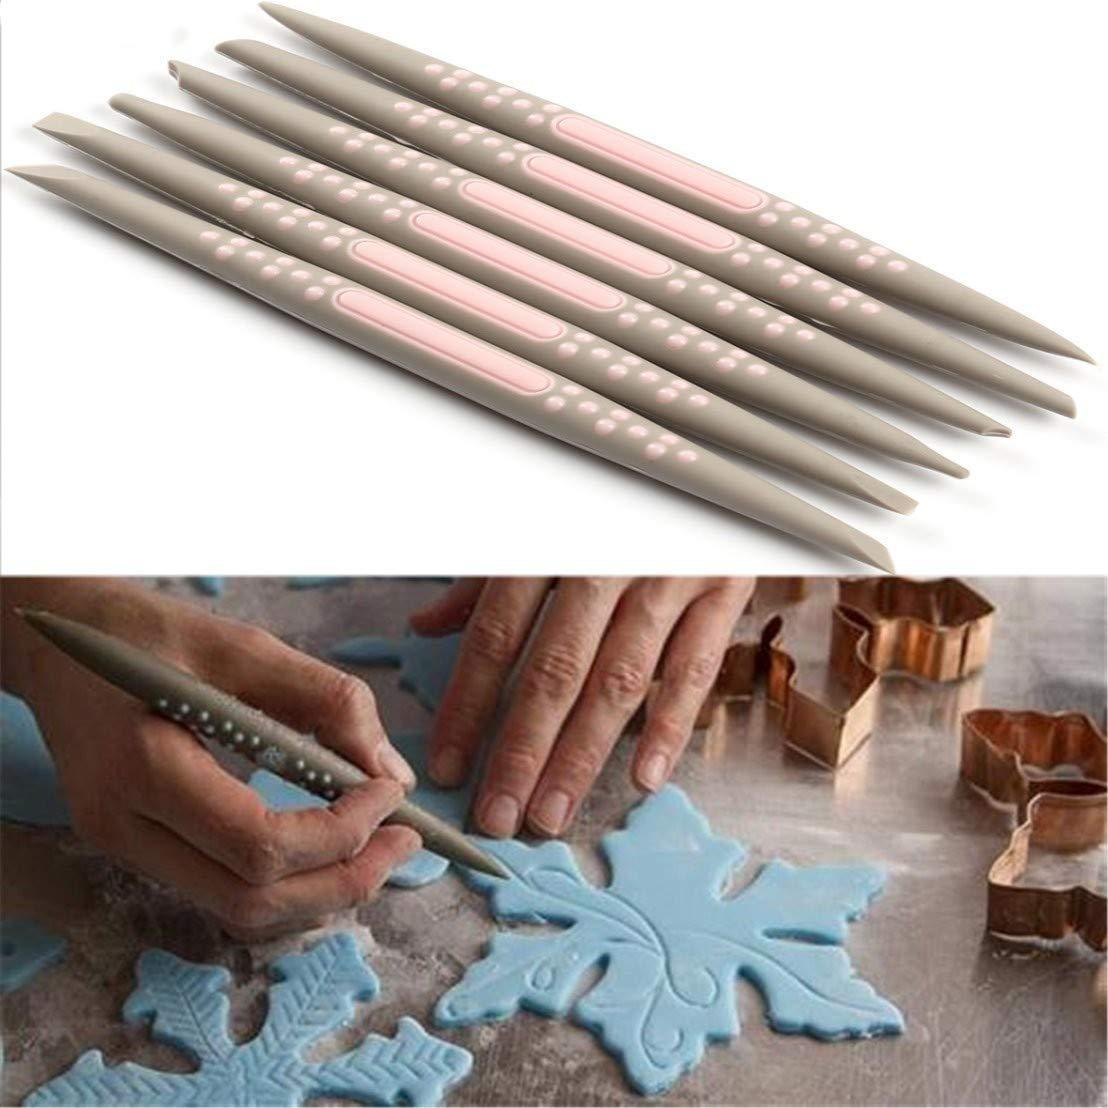 Herramientas de Escultura Frmarche Juego de 6 Herramientas de Modelado para decoraci/ón de Tartas